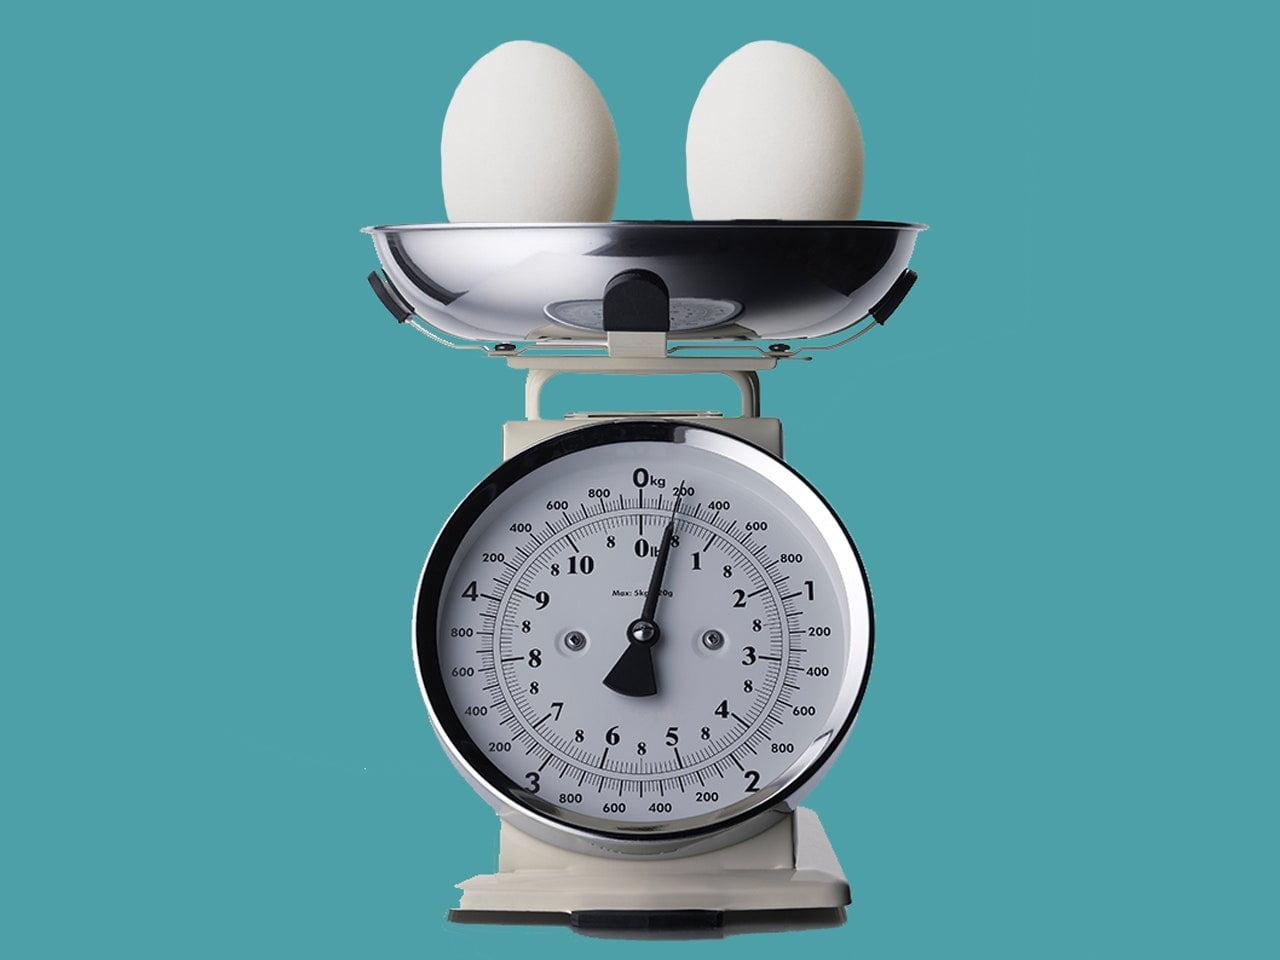 dua butir telur di atas timbangan